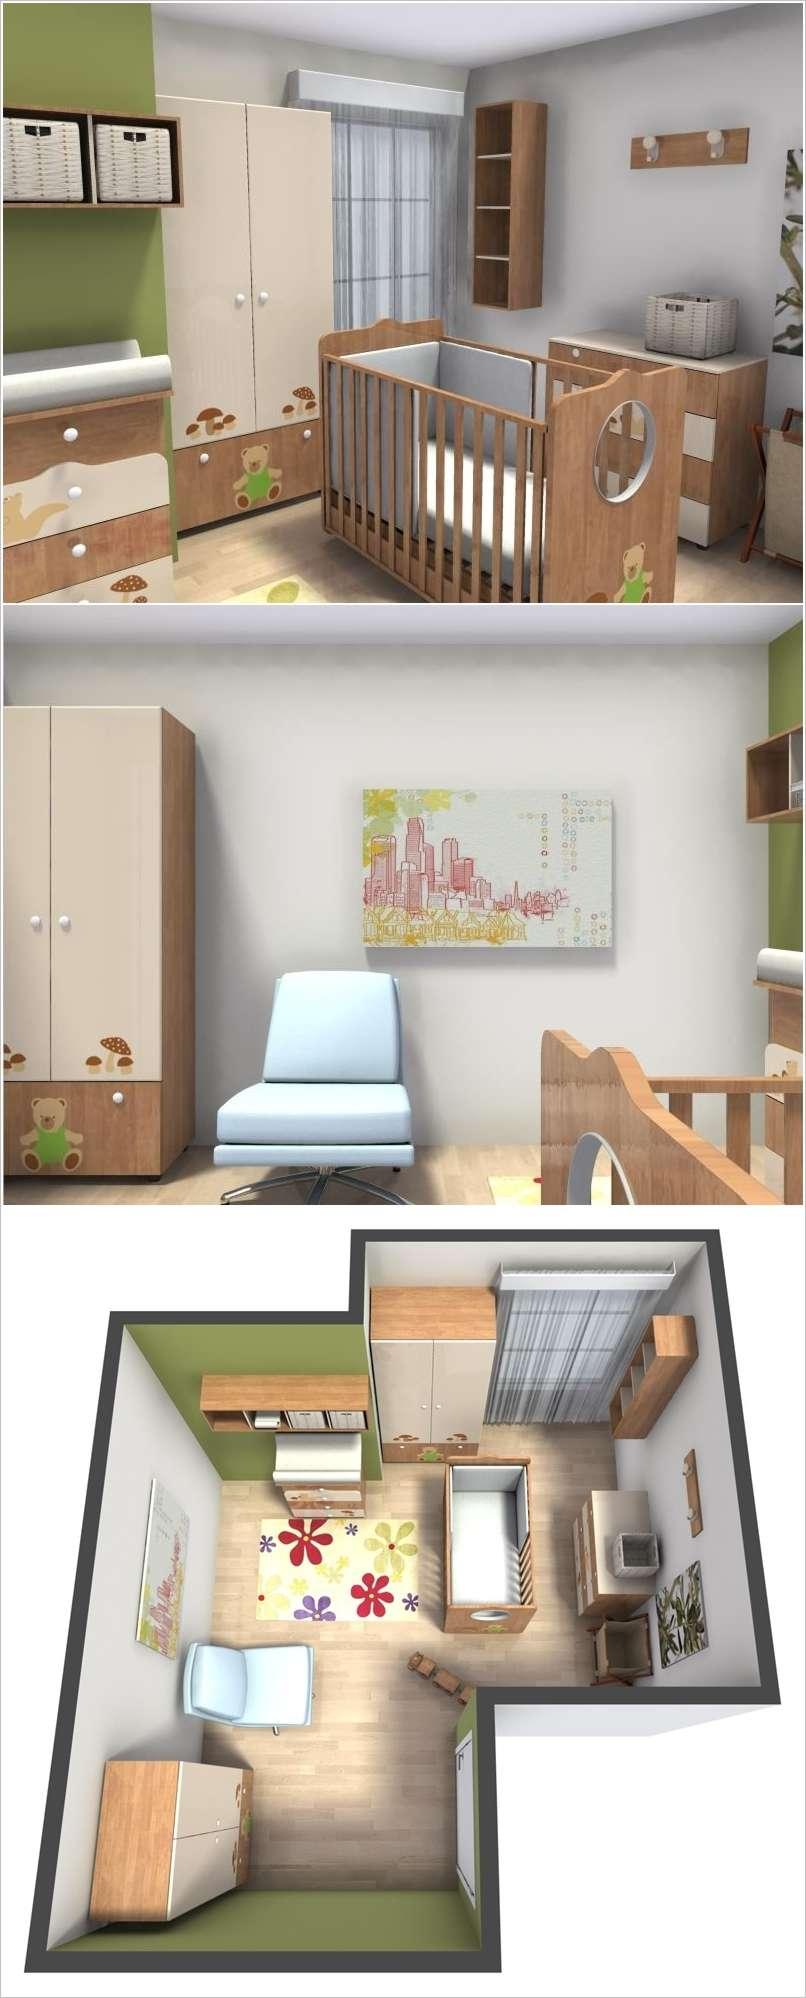 10 best designs of roomsketcher a wonderful 3d design application. Black Bedroom Furniture Sets. Home Design Ideas